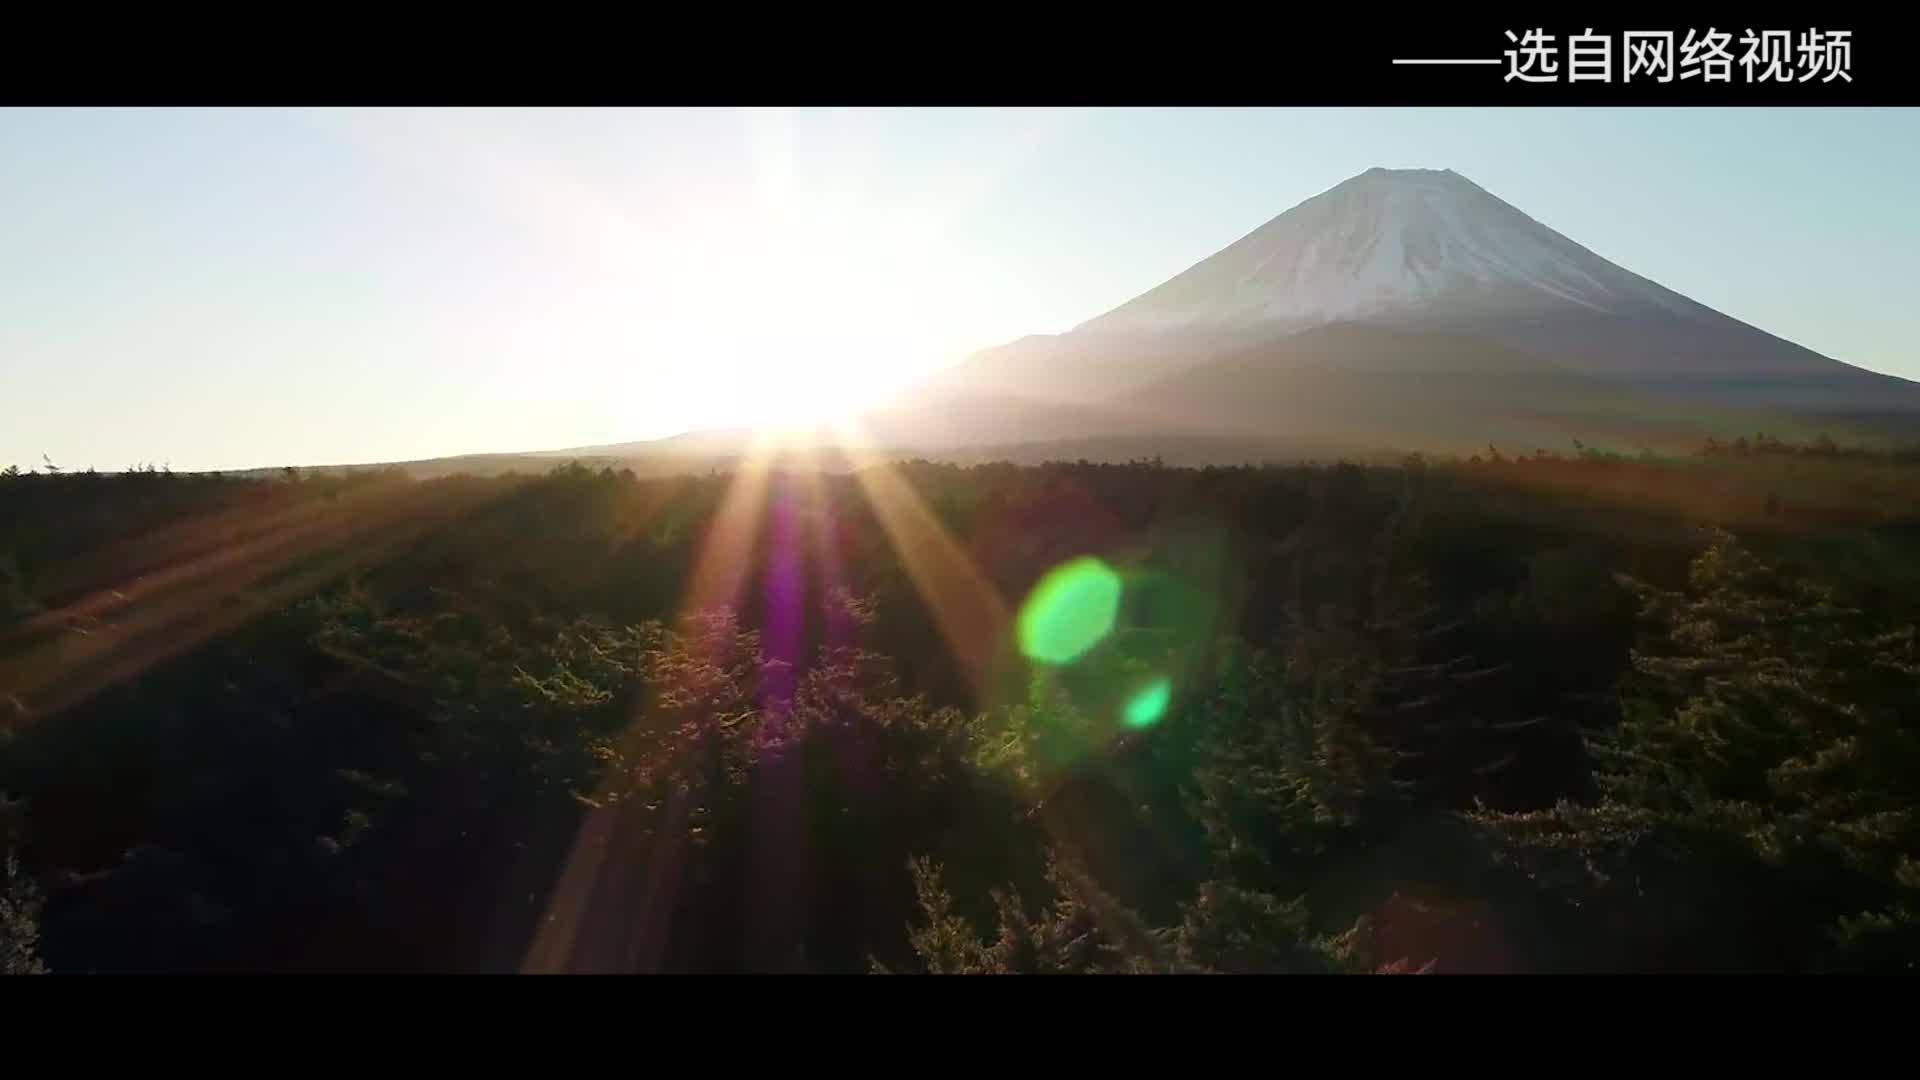 《科学嘻游记》 第44集 什么是火山